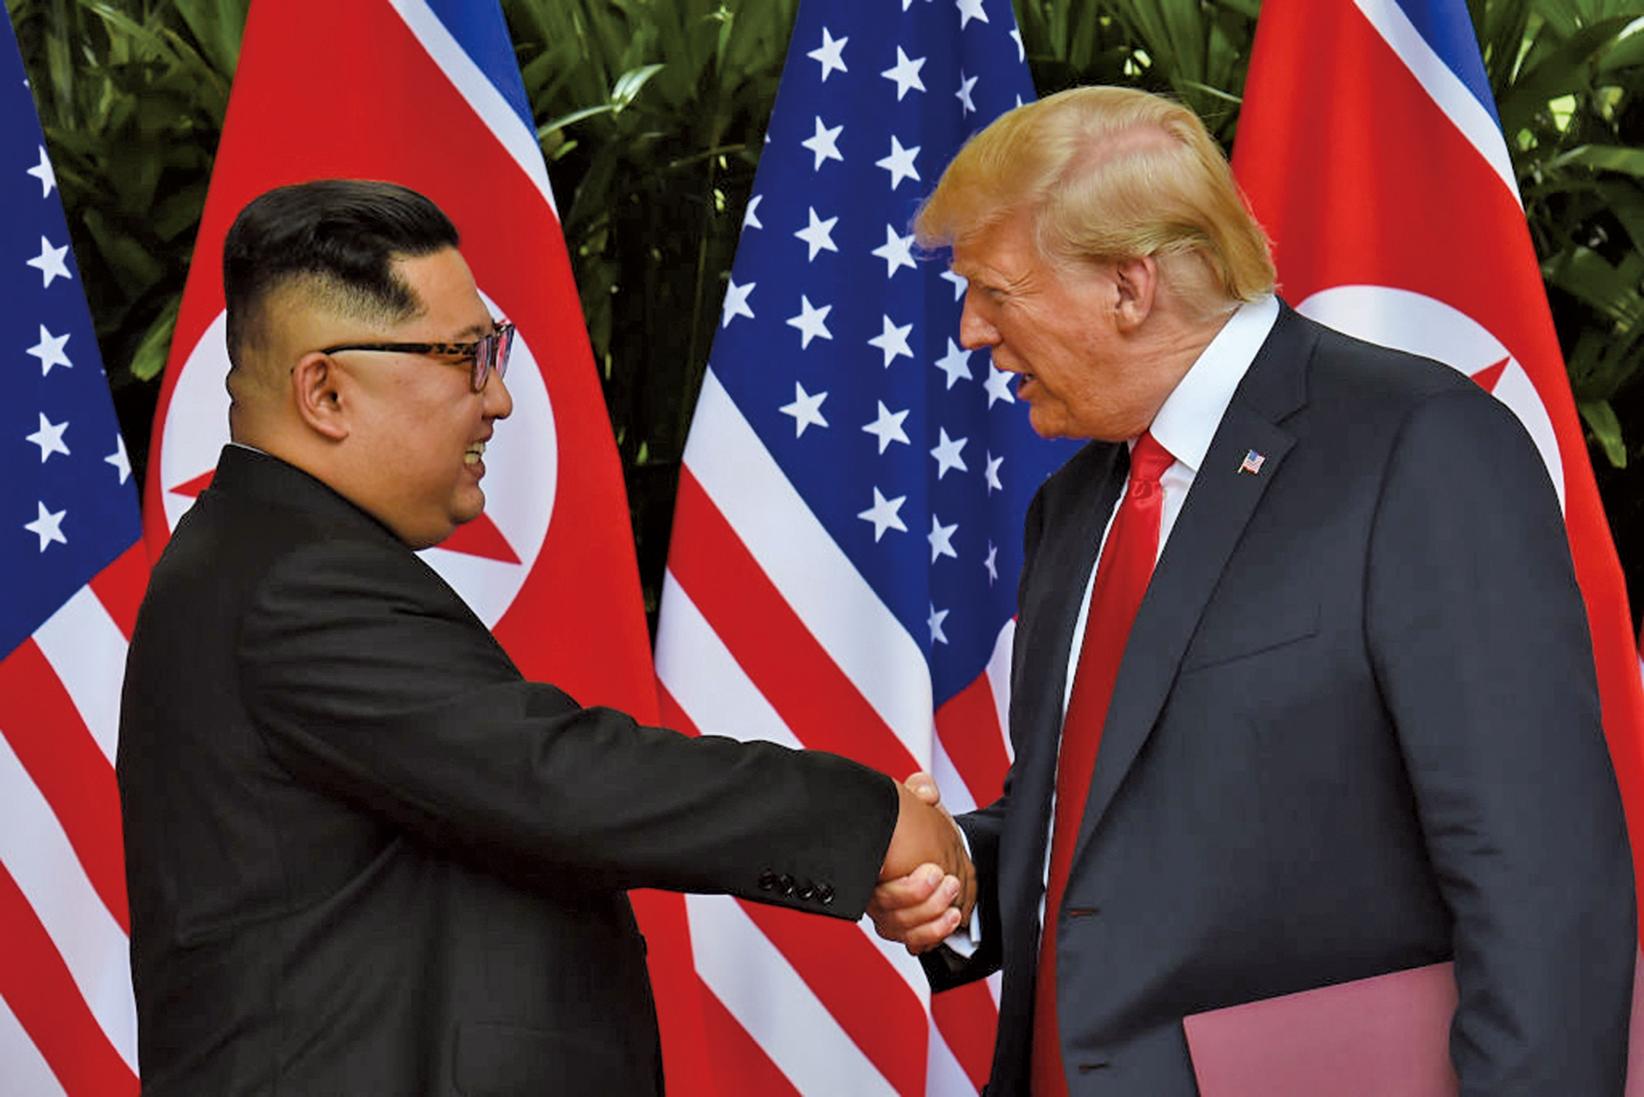 第二次「特金會」將於越南河內舉行。圖為第一次特金會時,美國總統特朗普與北韓領導人金正恩舉行歷史性的會晤。(AFP)